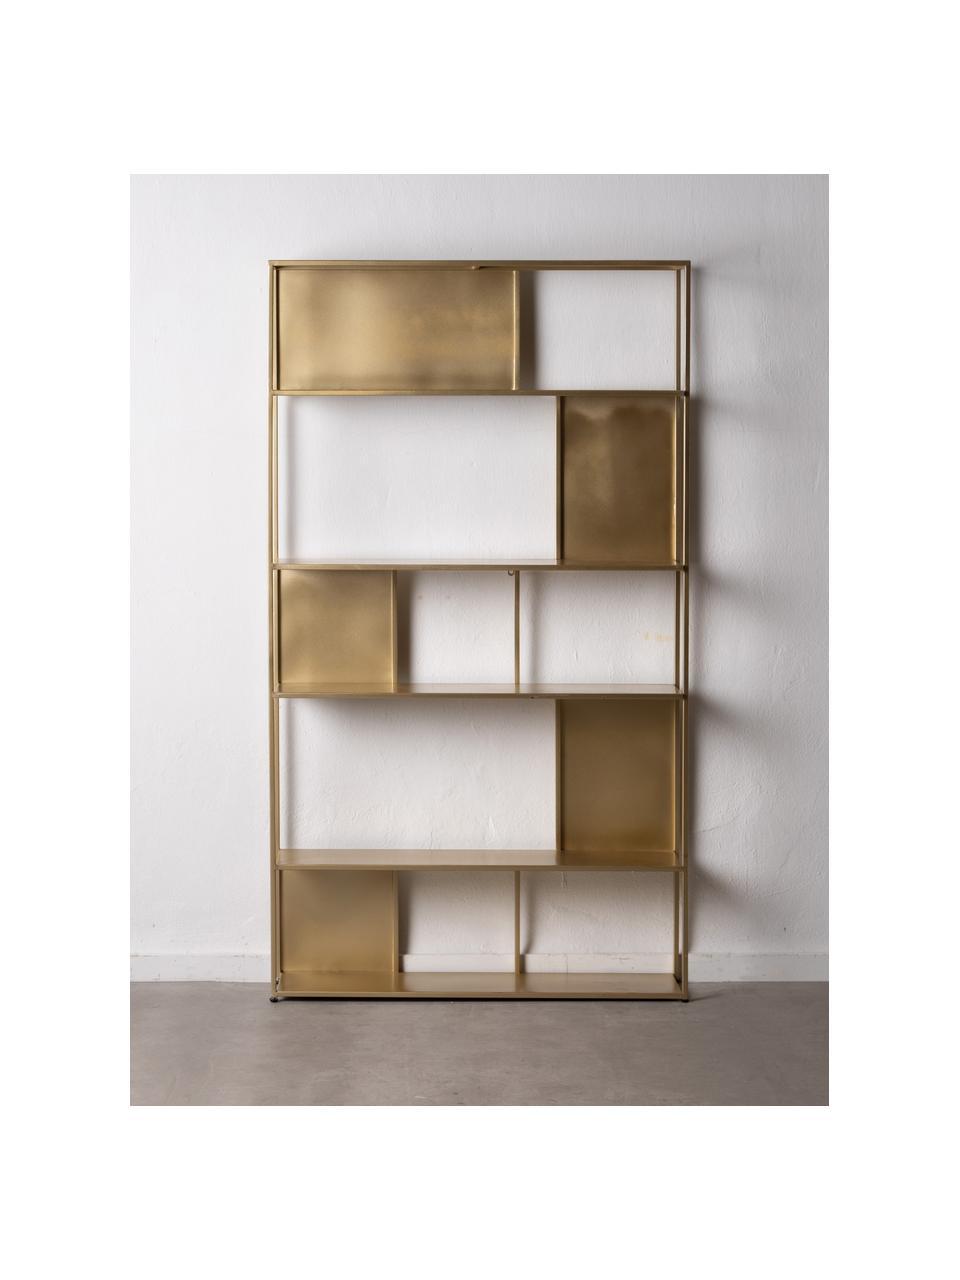 Metall-Standregal Talme in Goldfarben, Metall, beschichtet, Goldfarben, 100 x 175 cm